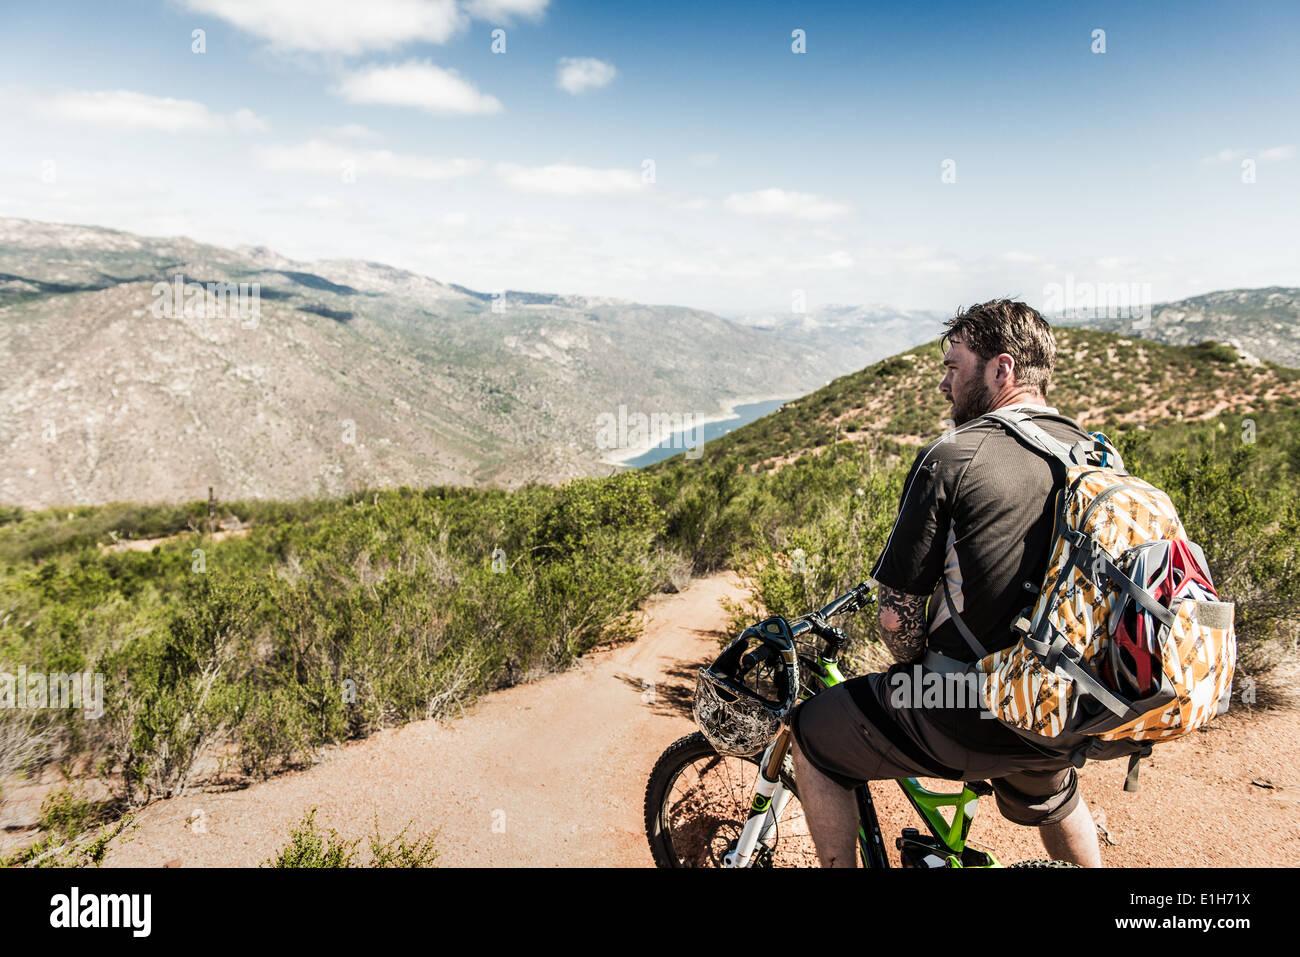 Downhill mountain biker olhando para visualizar Imagens de Stock